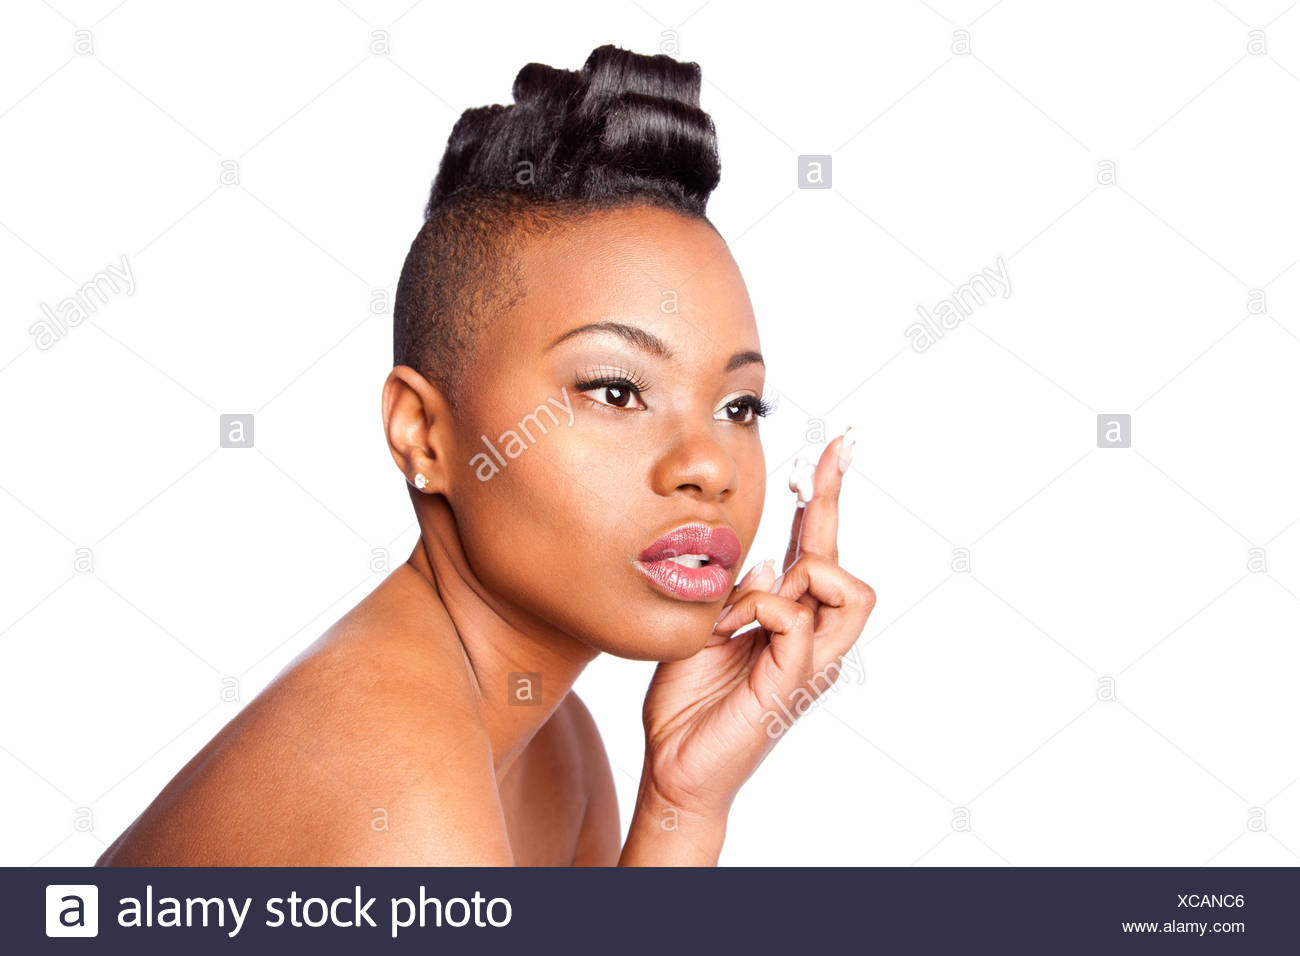 Anti-wrinkle skincare cream - Stock Image